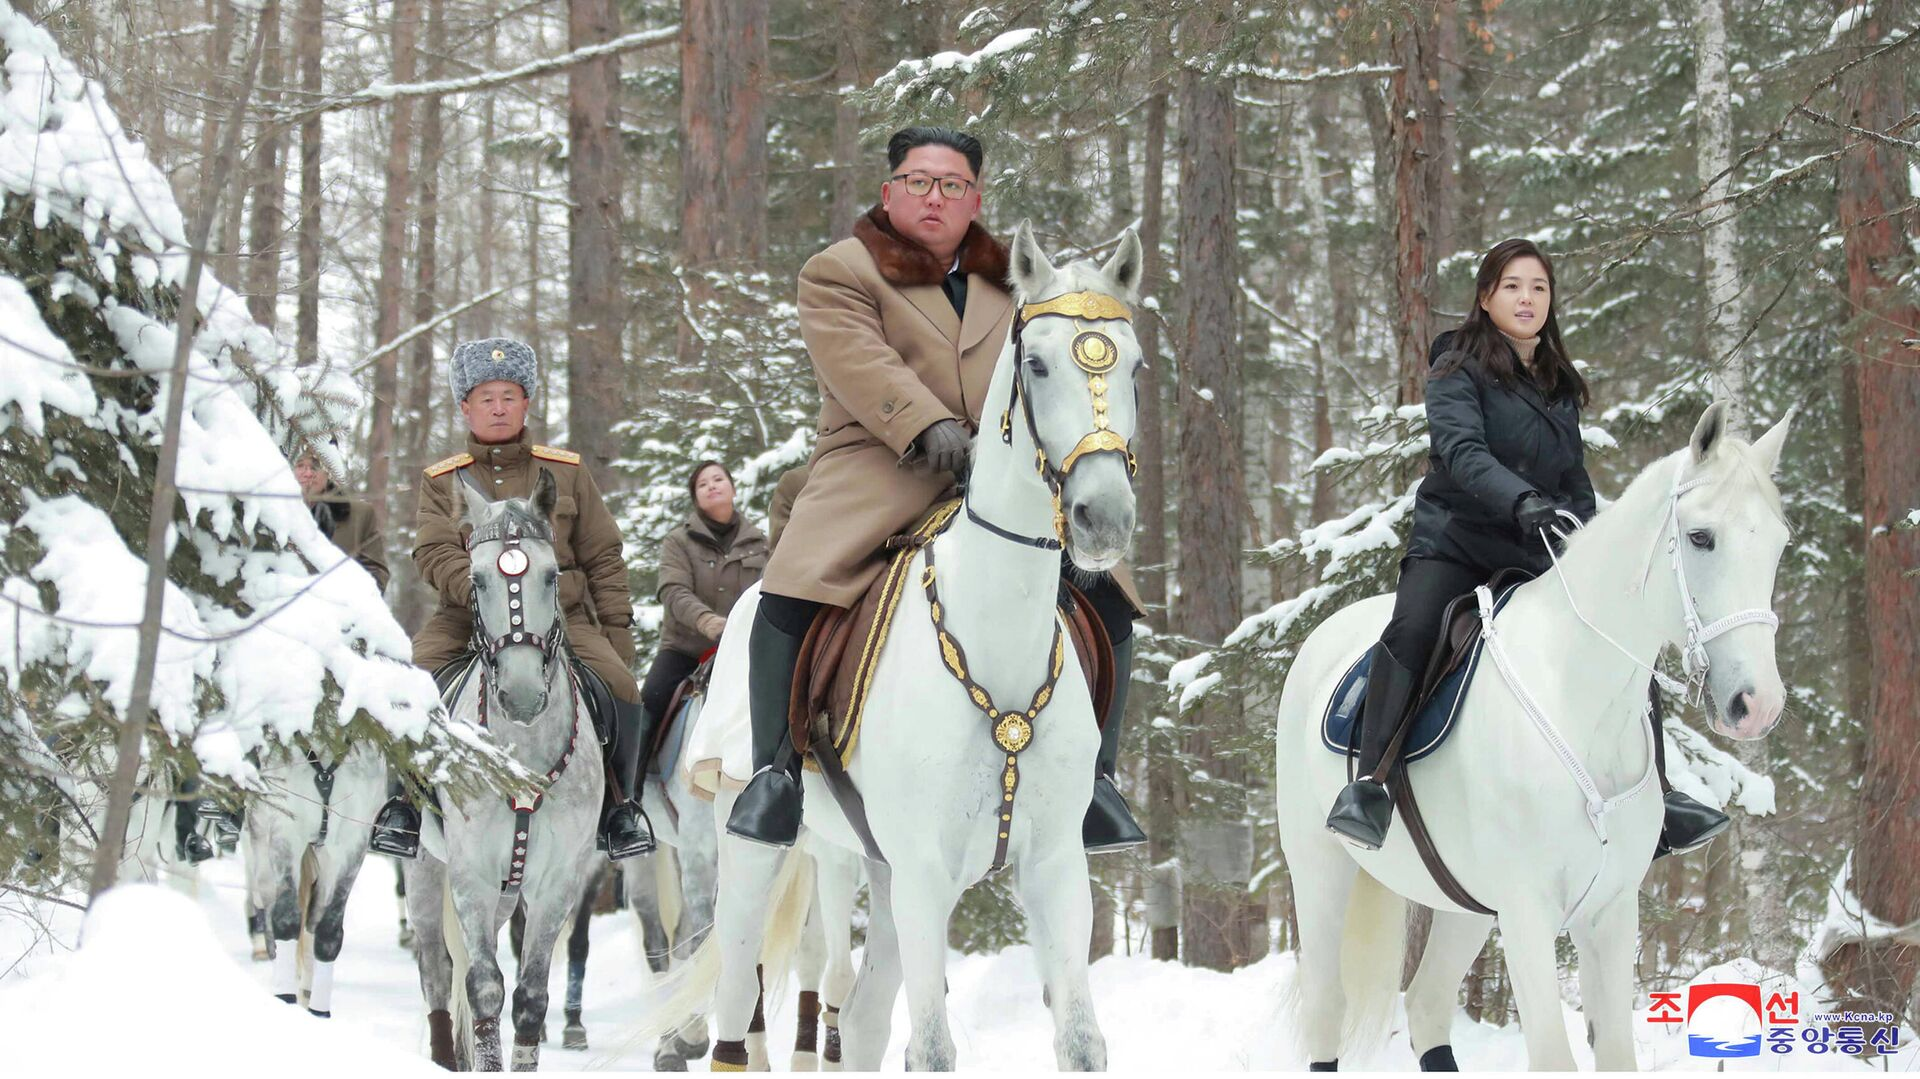 Глава КНДР Ким Чен Ын поднимается на белом коне на священную гору Пэктусан - РИА Новости, 1920, 03.01.2020